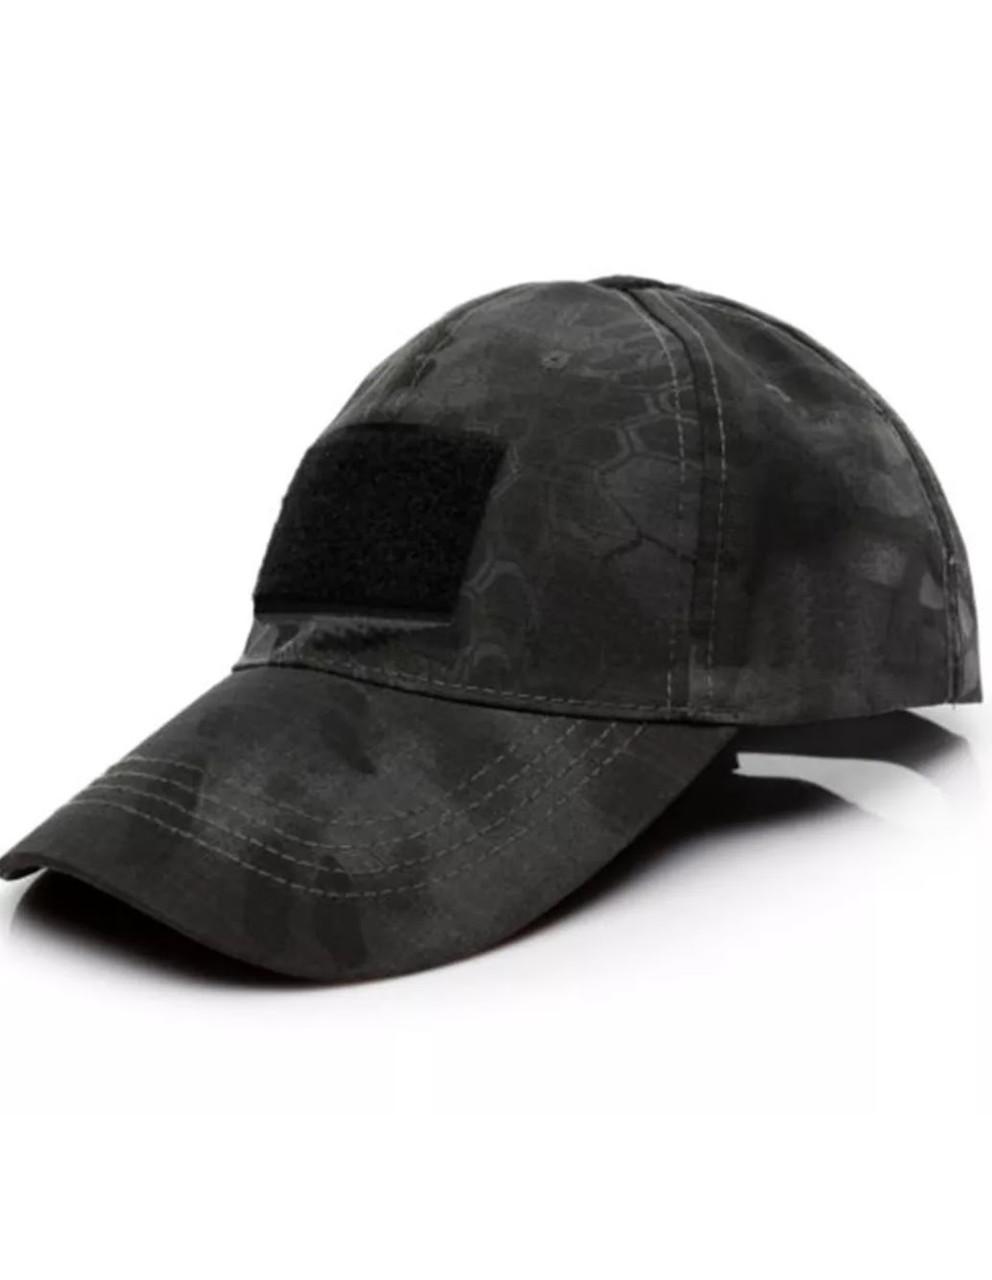 Кепка тактическая милитари военная, туристическая «Military» (чёрный)